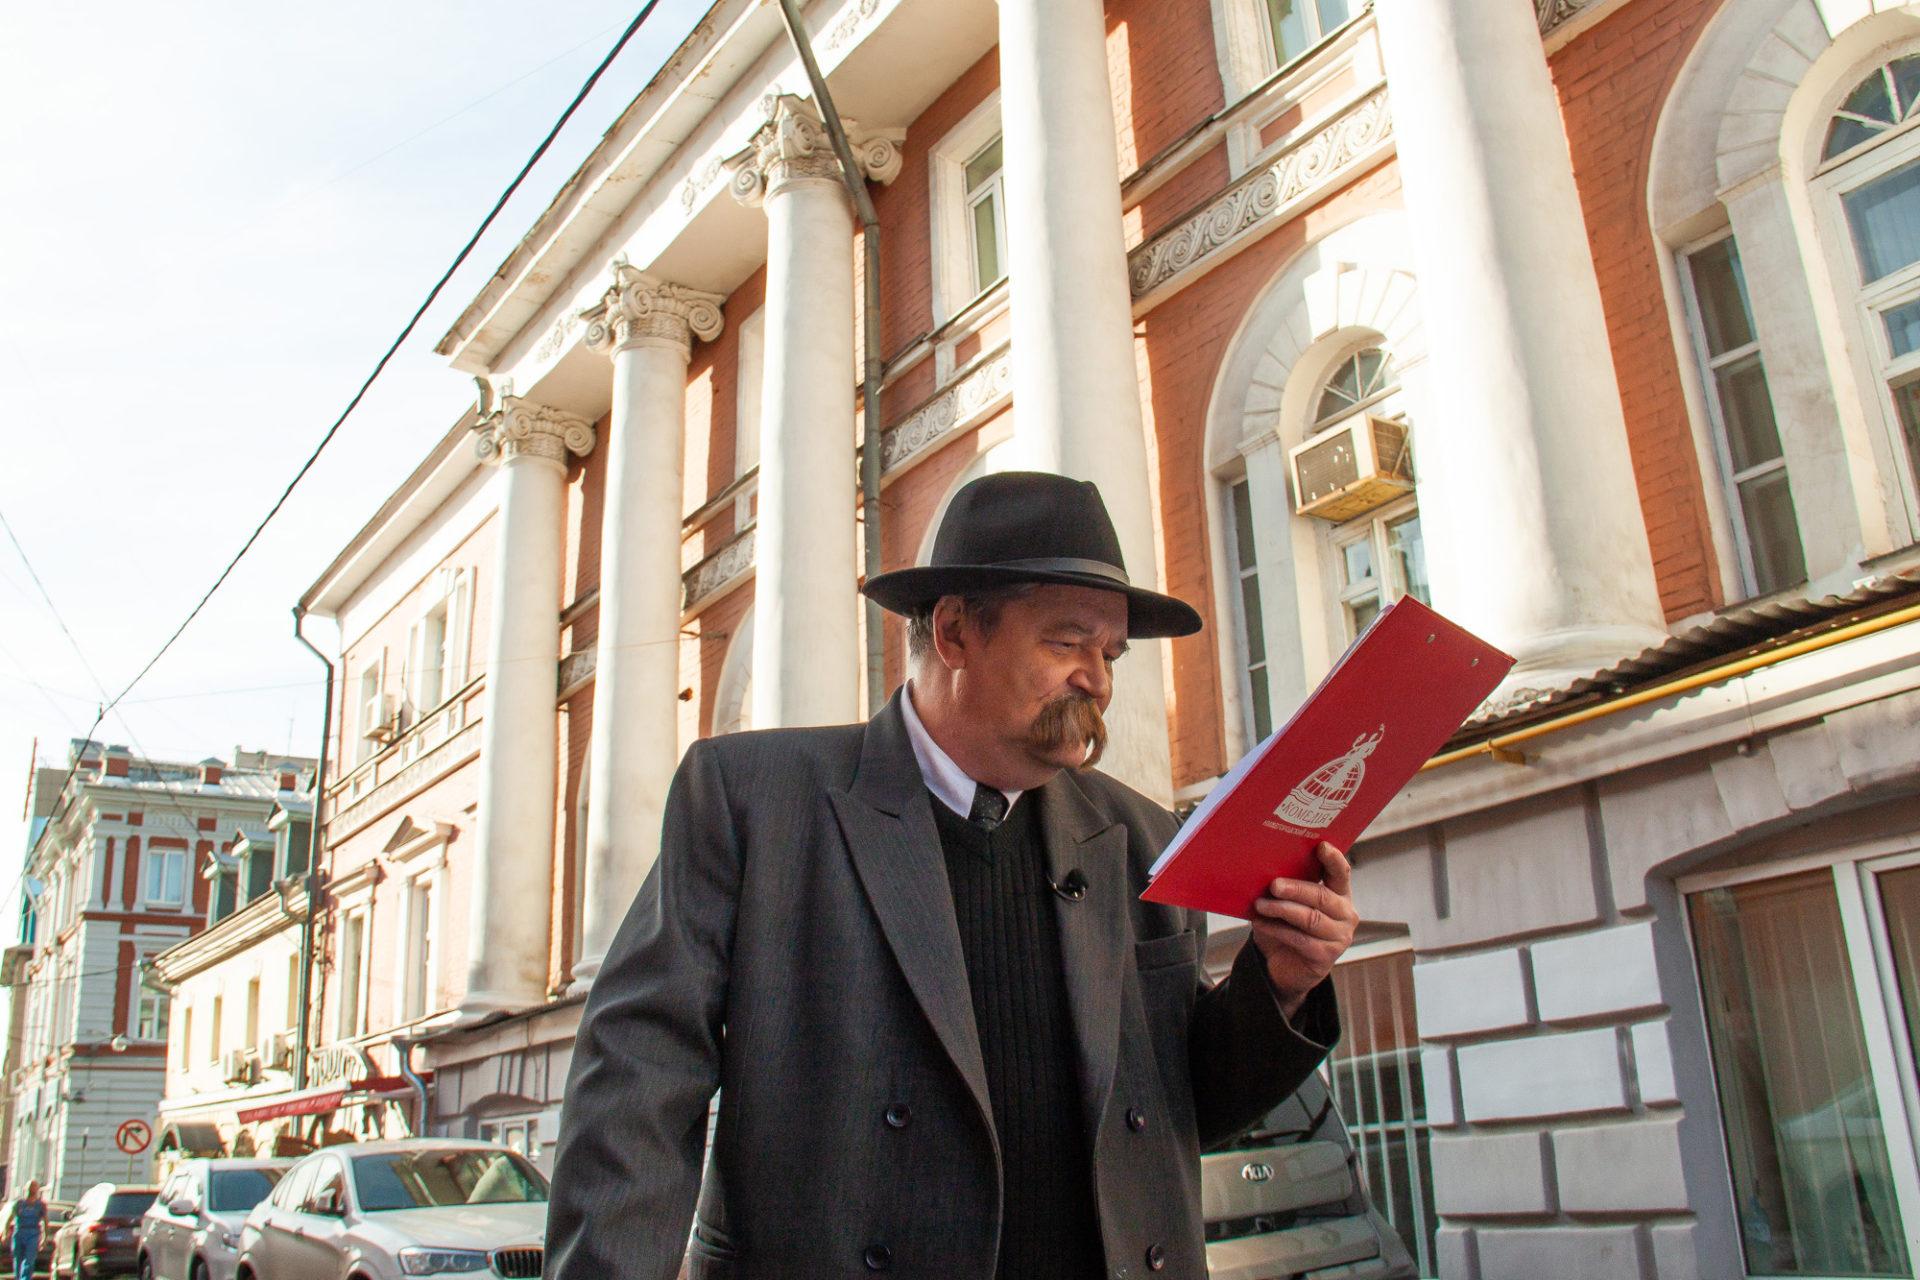 Нижегородский театр «Комедiа» опубликовал второй выпуск онлайн-экскурсии «Горький среди нас»